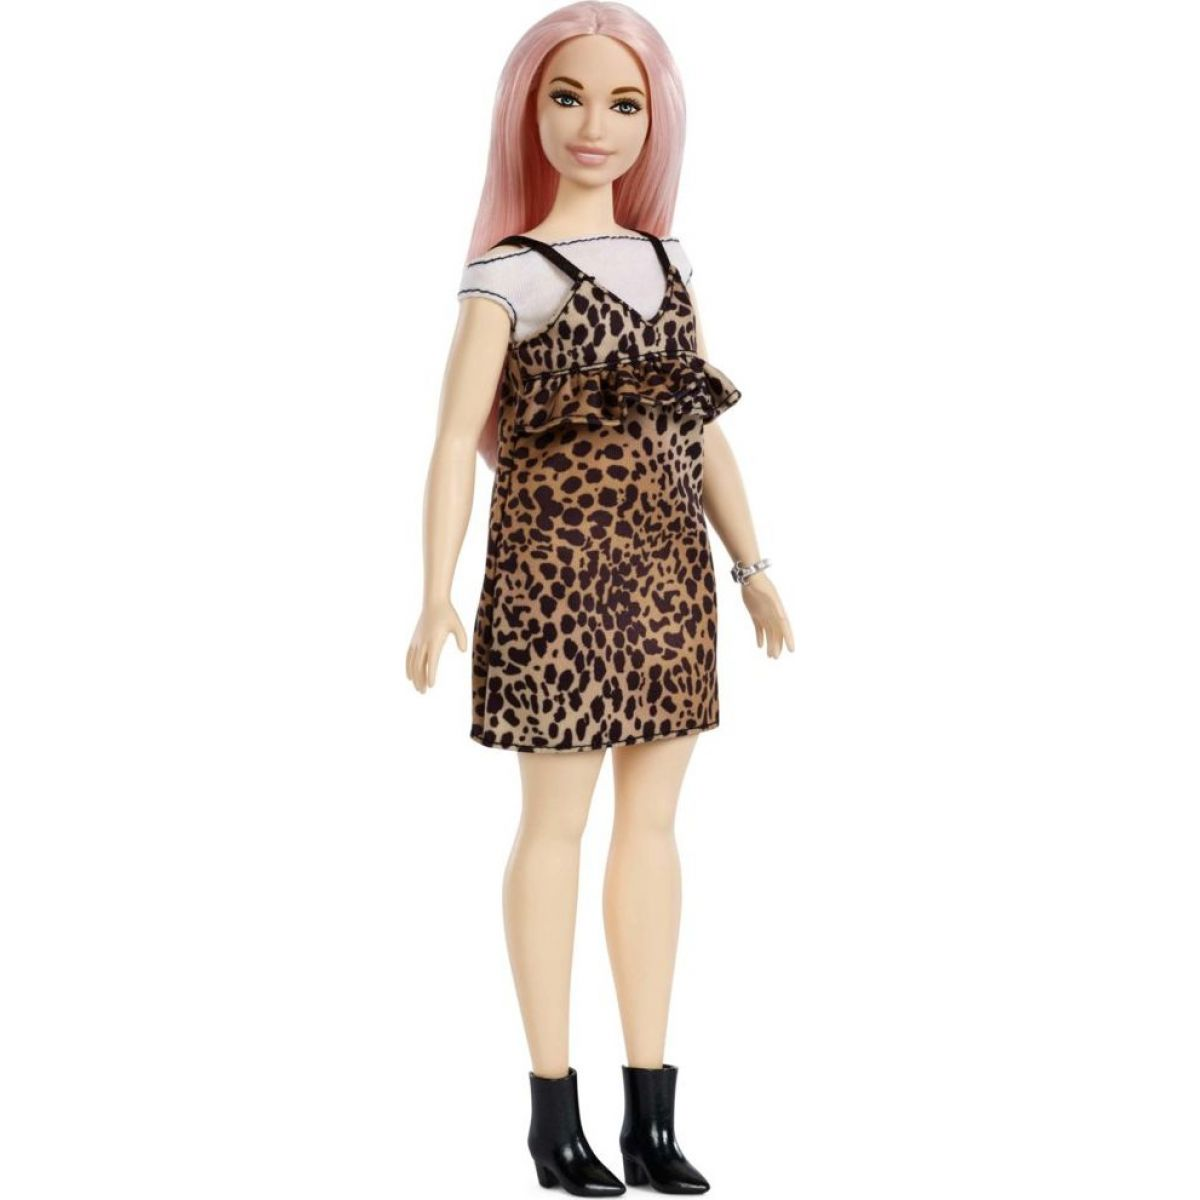 Mattel Barbie modelka 109